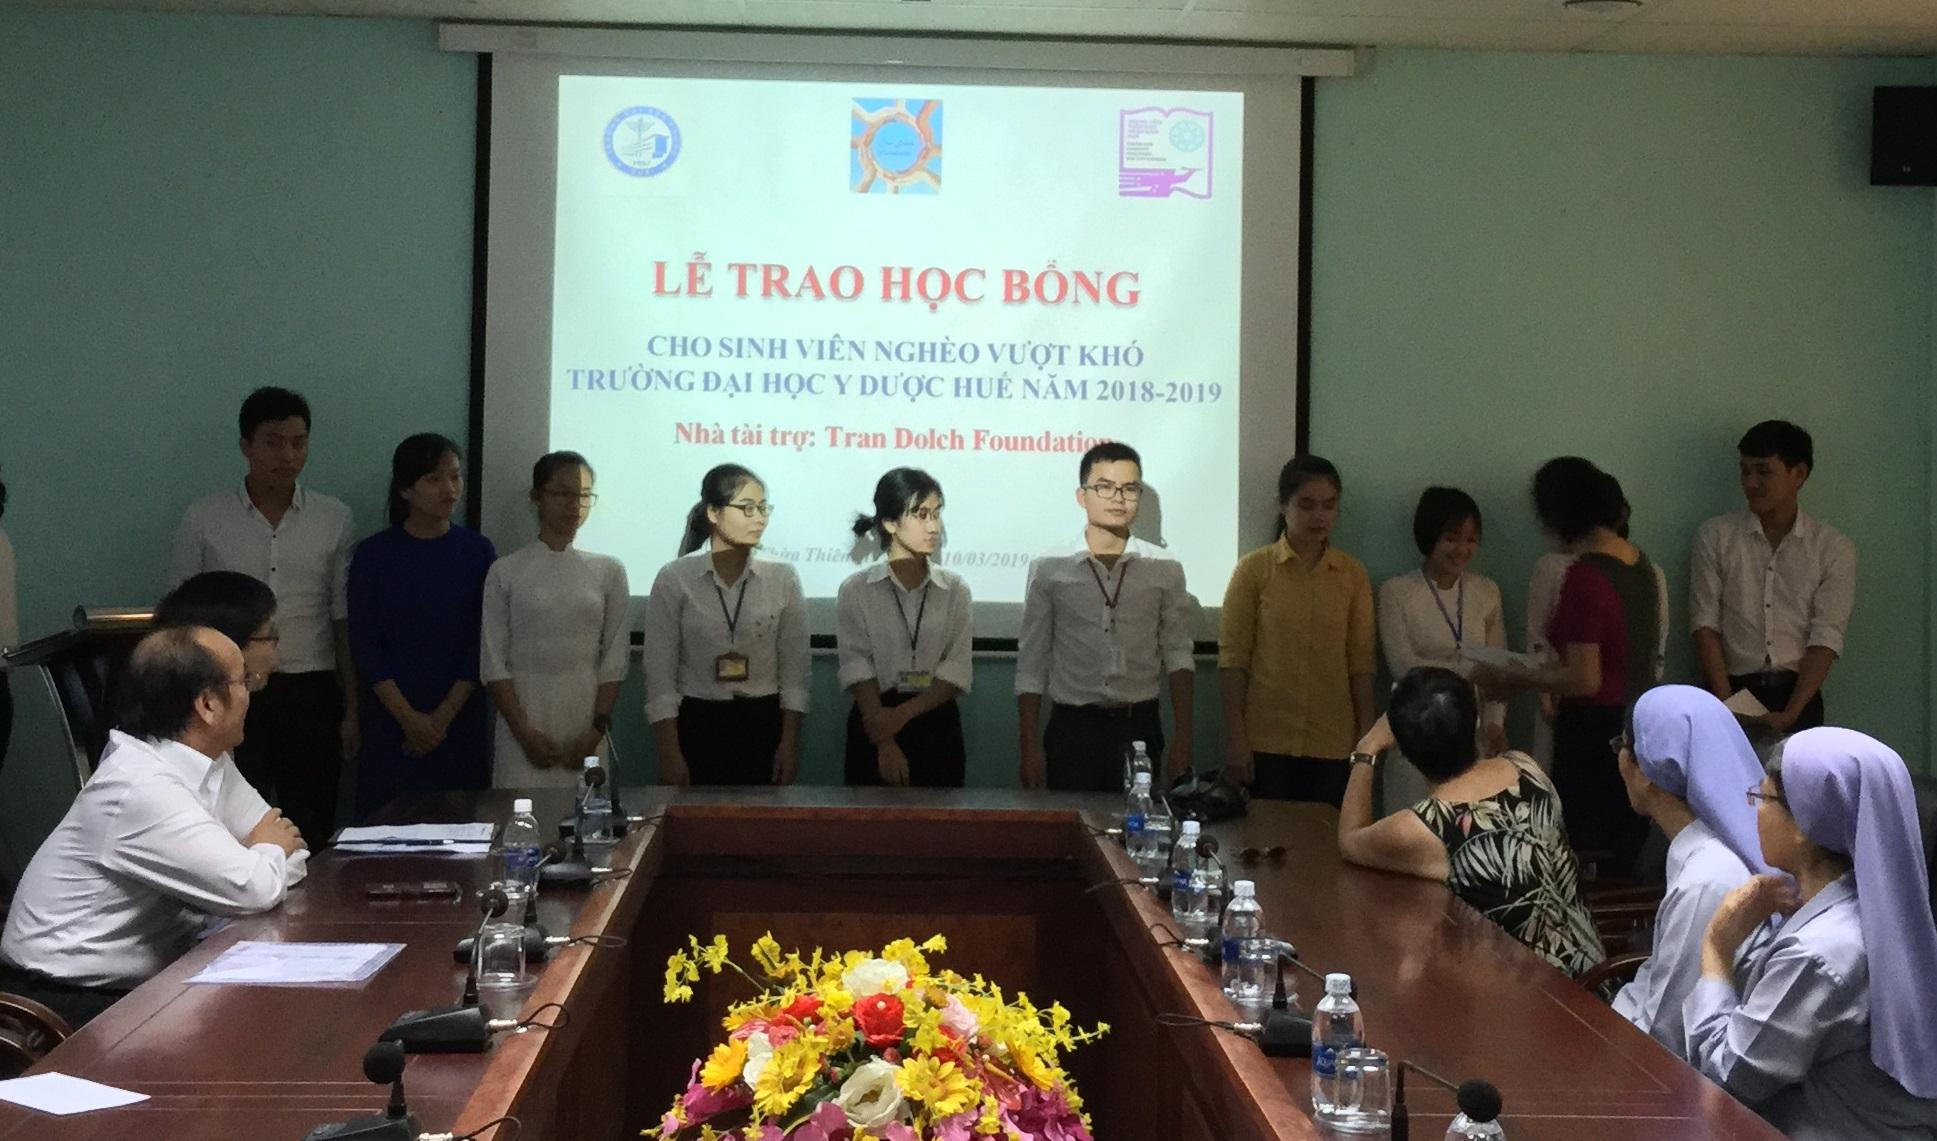 Trao học bổng Trần Dolch cho sinh viên nghèo vượt khó